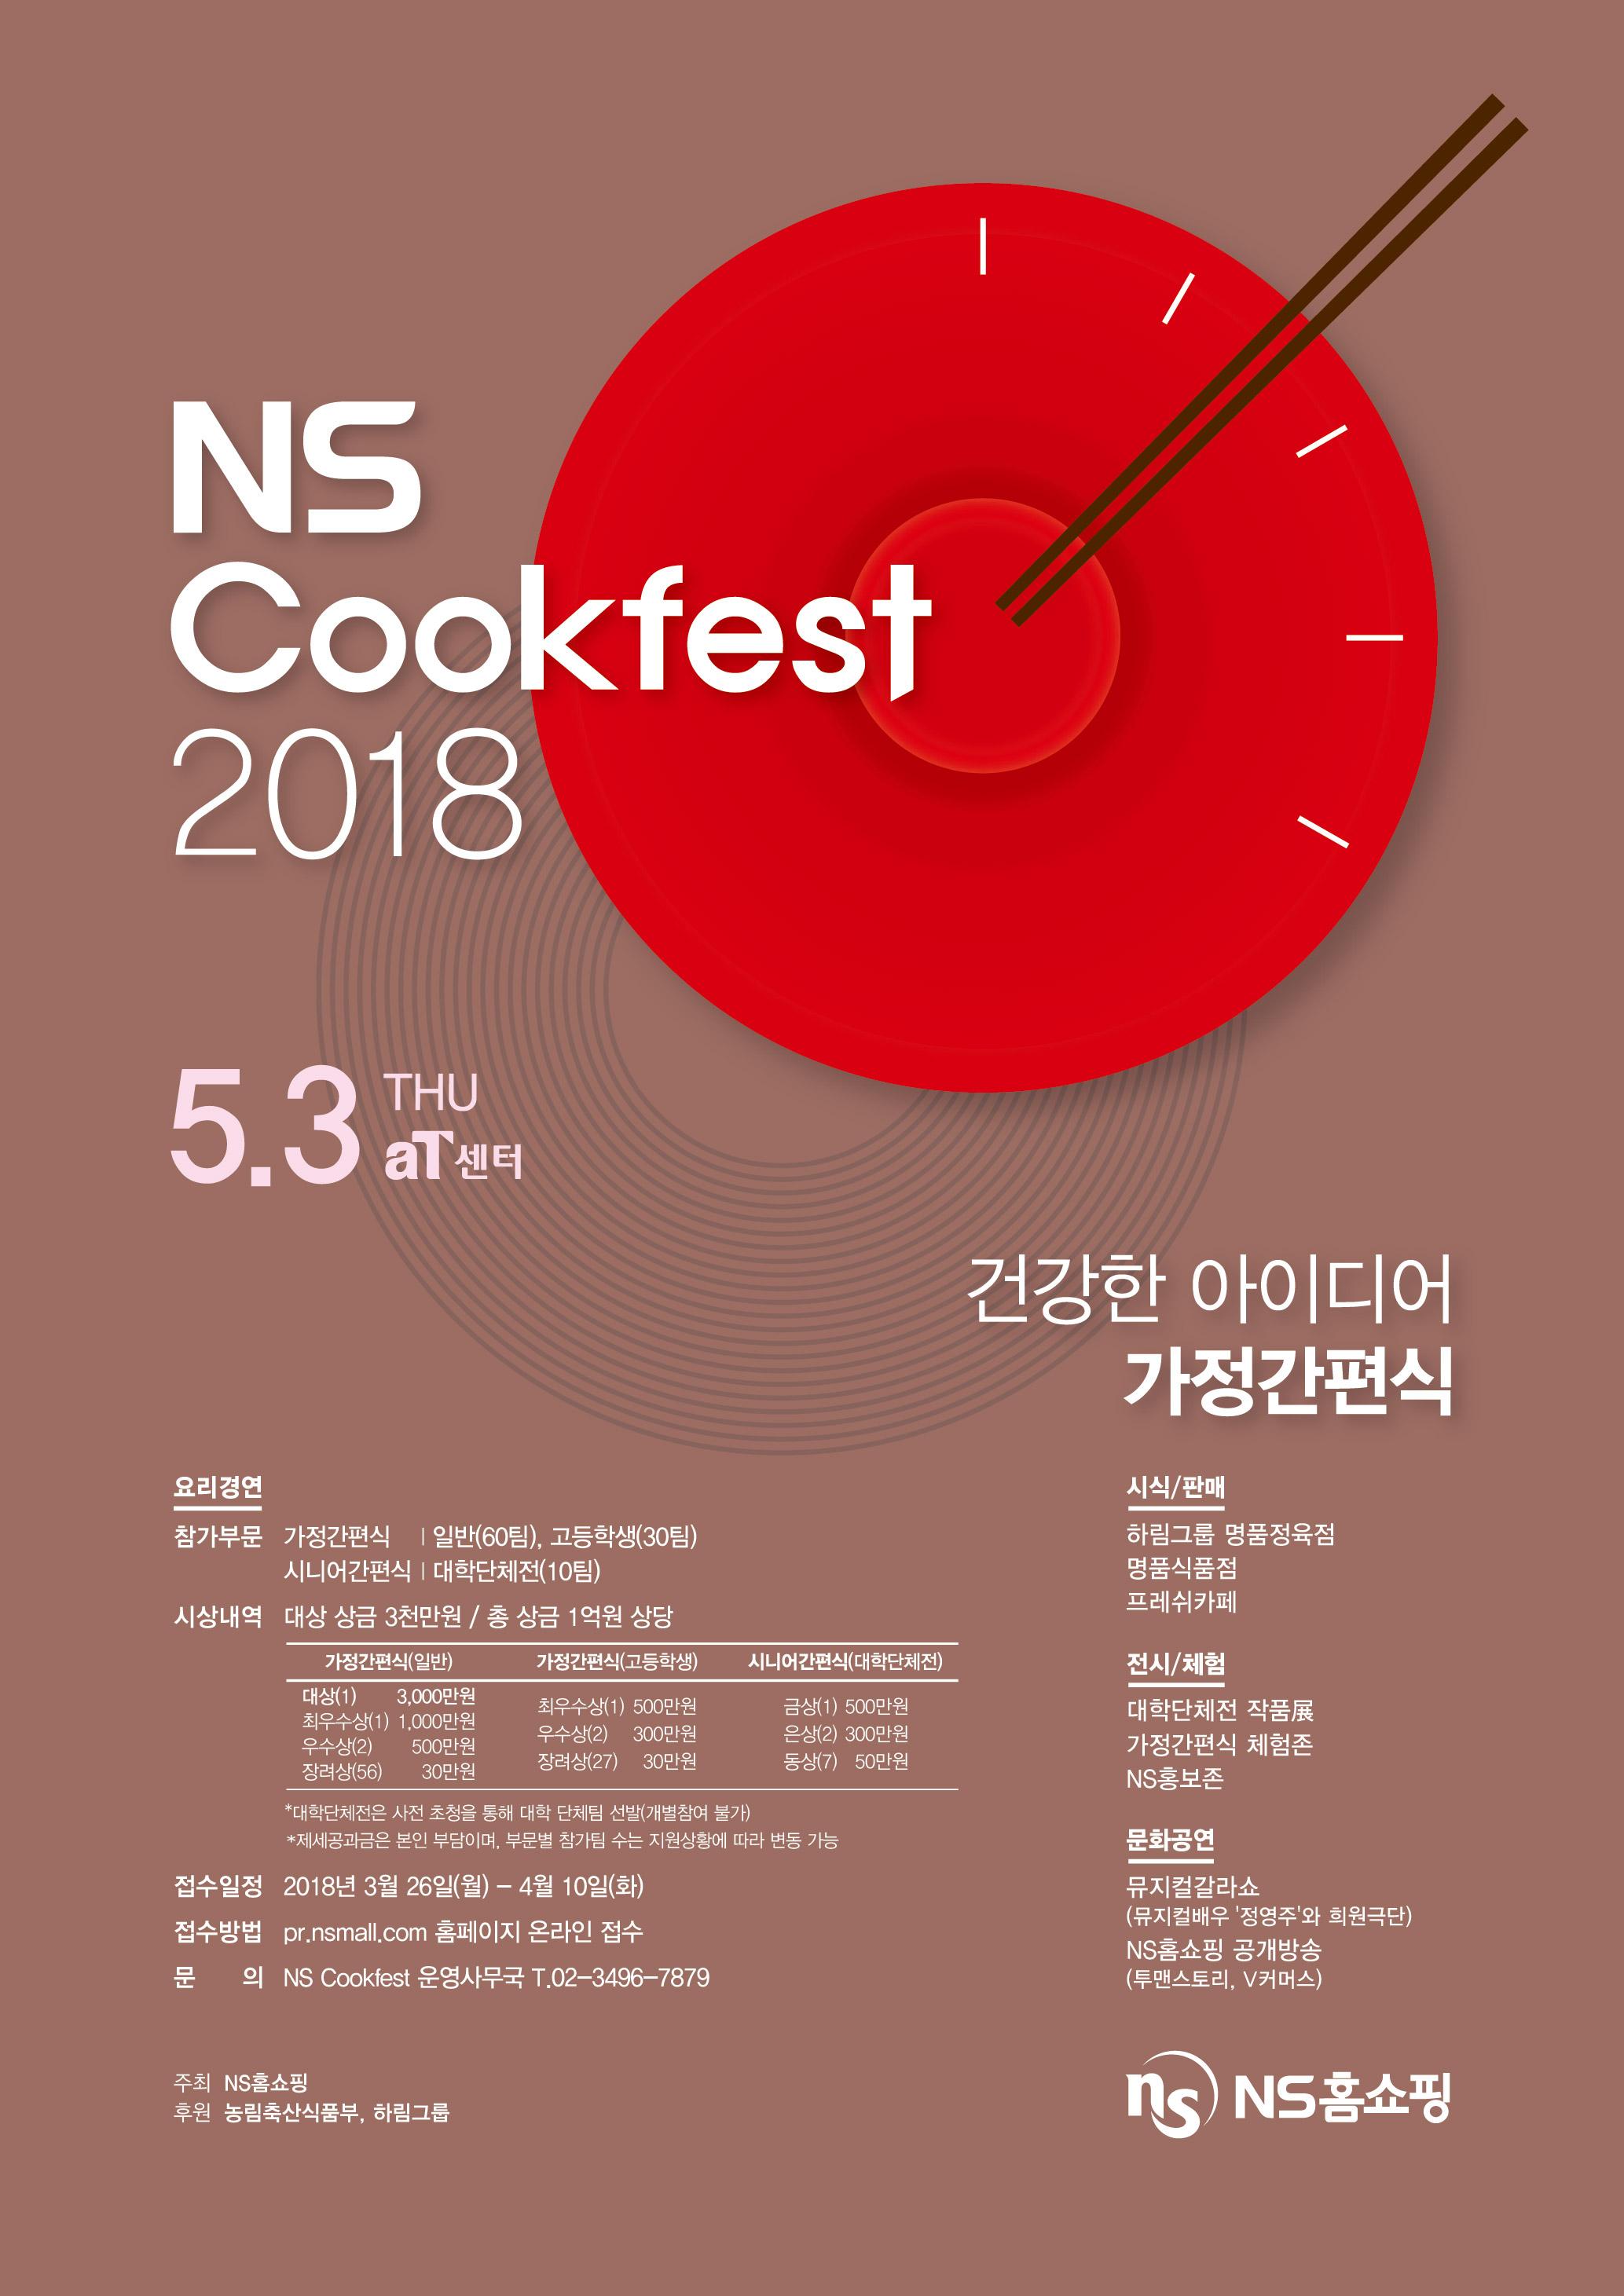 국내 최대규모의 요리축제 NS Cookfest 2018